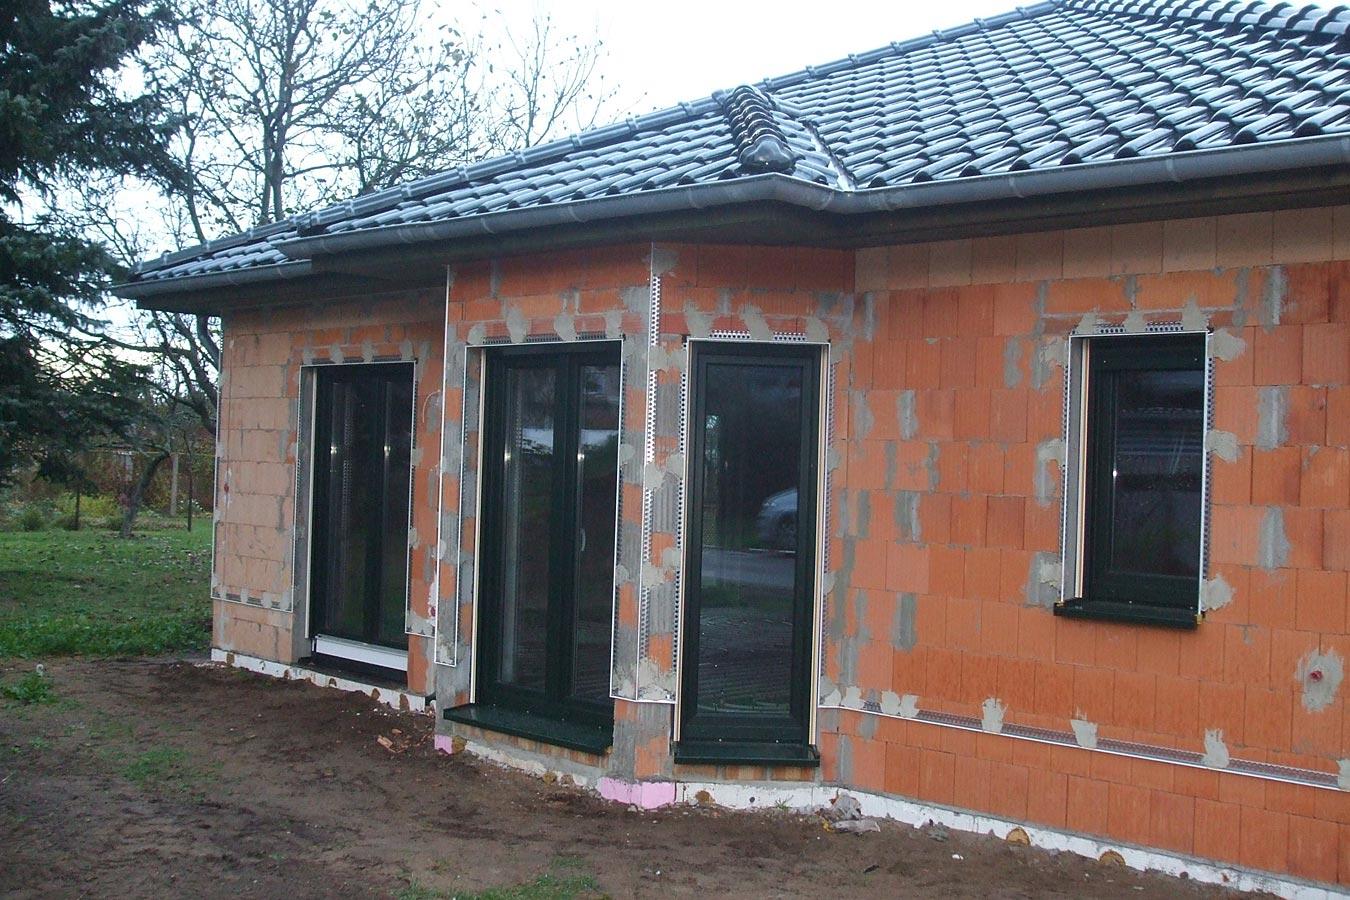 Dusche Bodengleich Estrich : Baustellenimpressionen – Willkommen bei der Templiner Hausbau GmbH